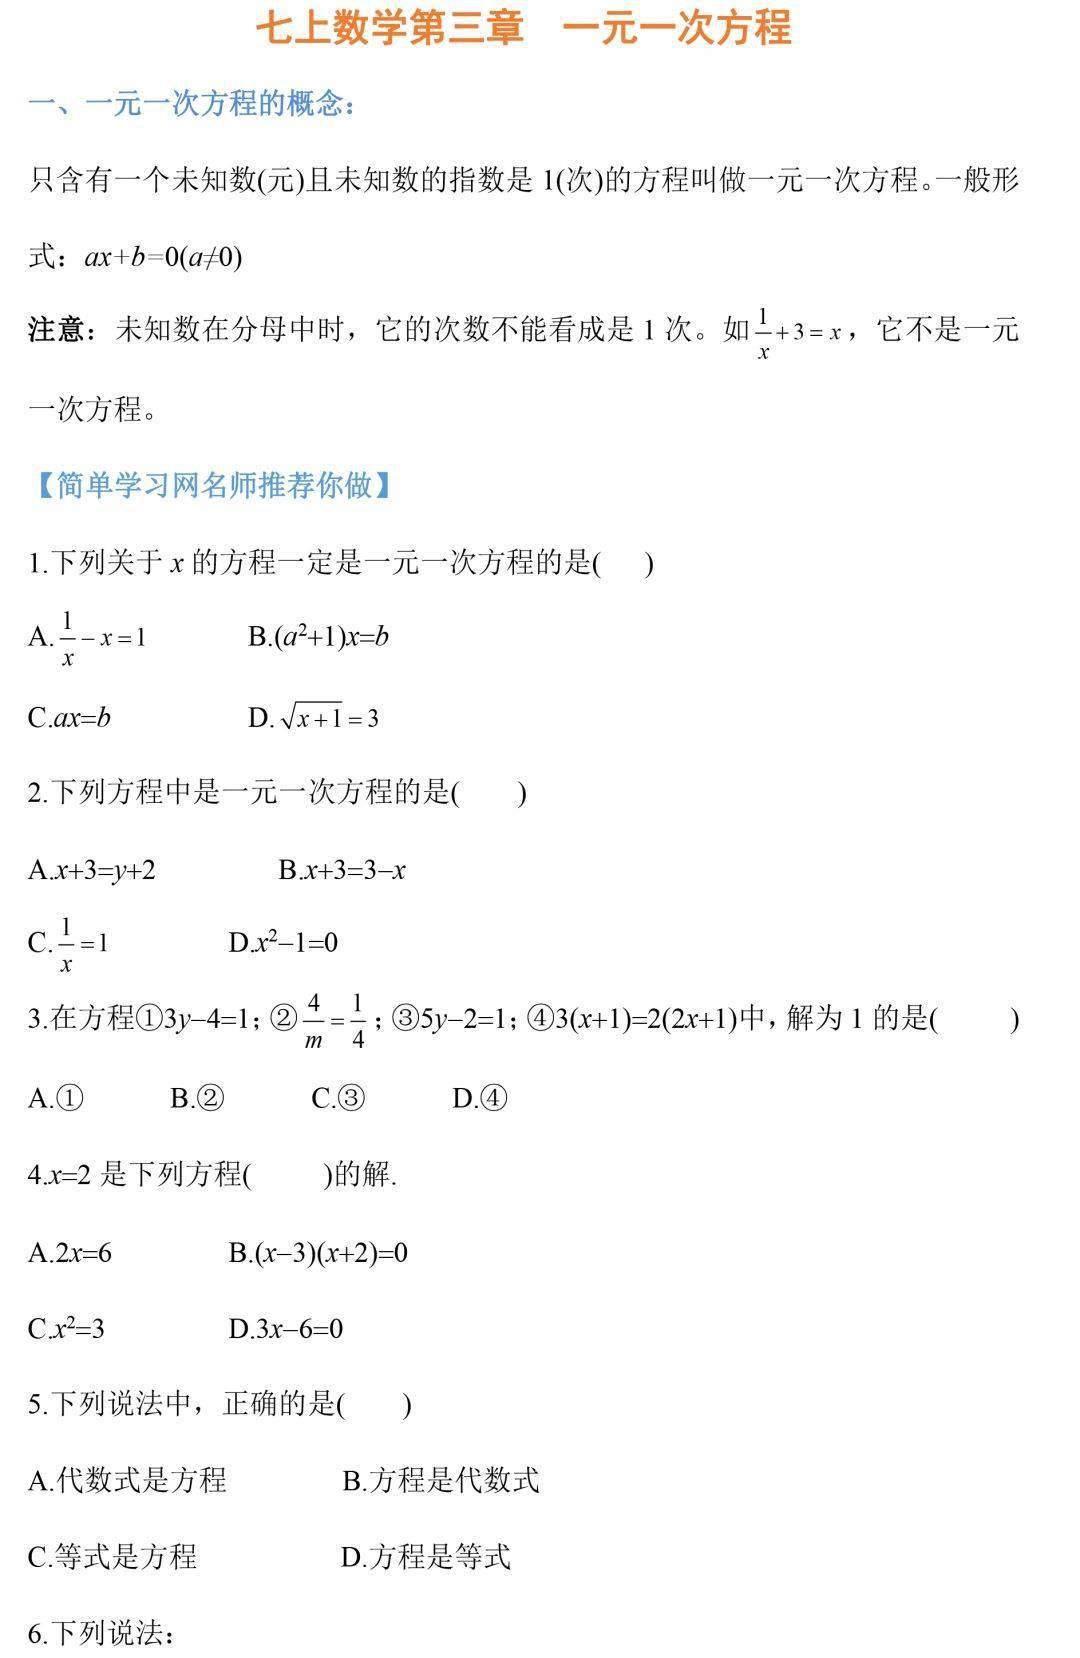 七上数学第三章《一元一次方程》知识点+名师精选练习题,可打印!